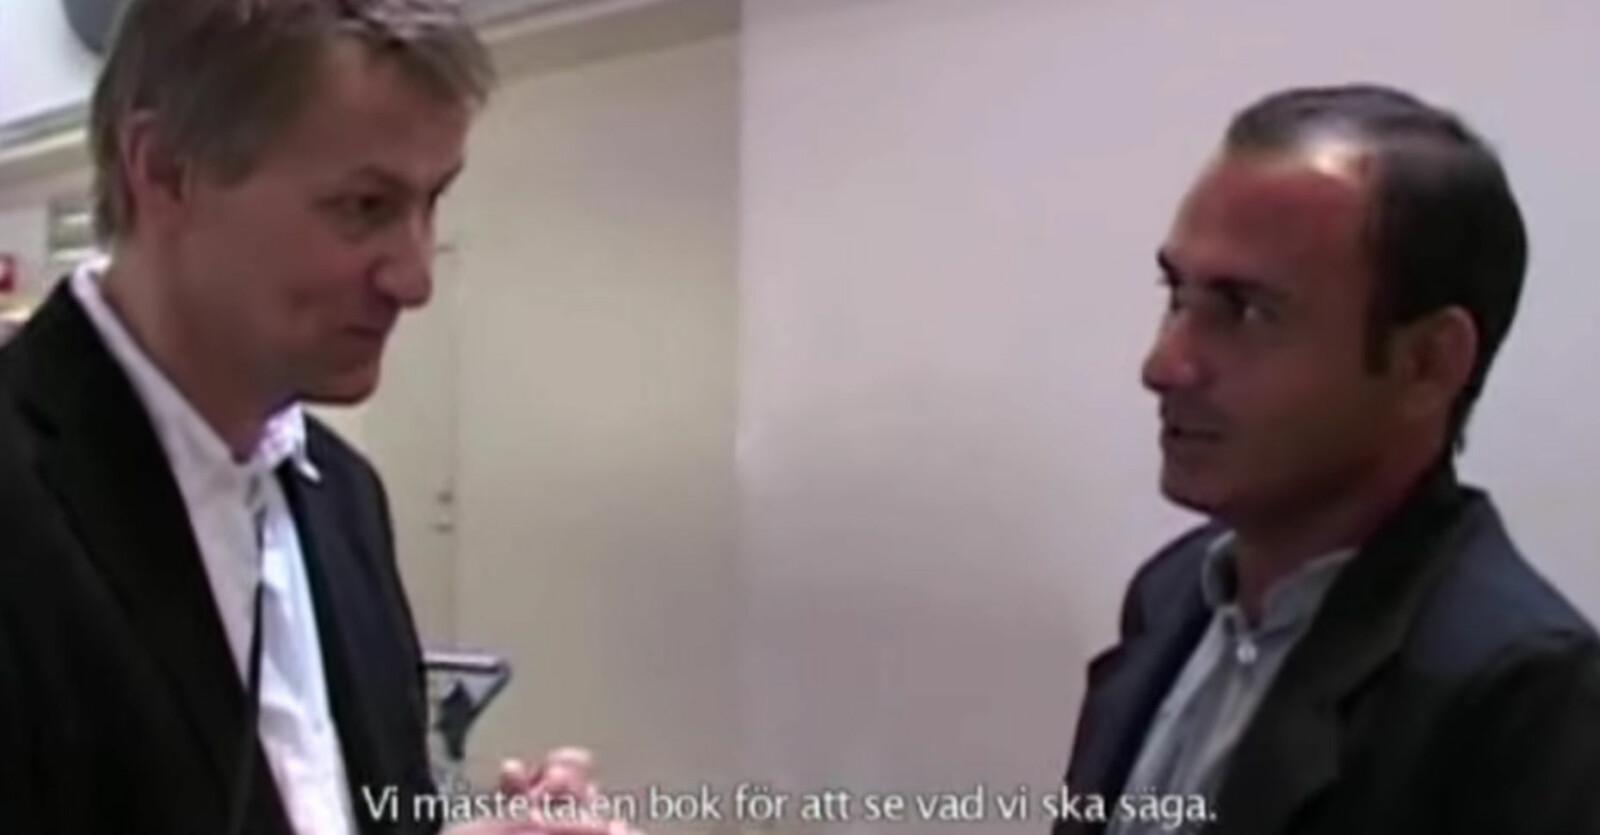 lars lerin och junior träffas för första gången på Arlanda.